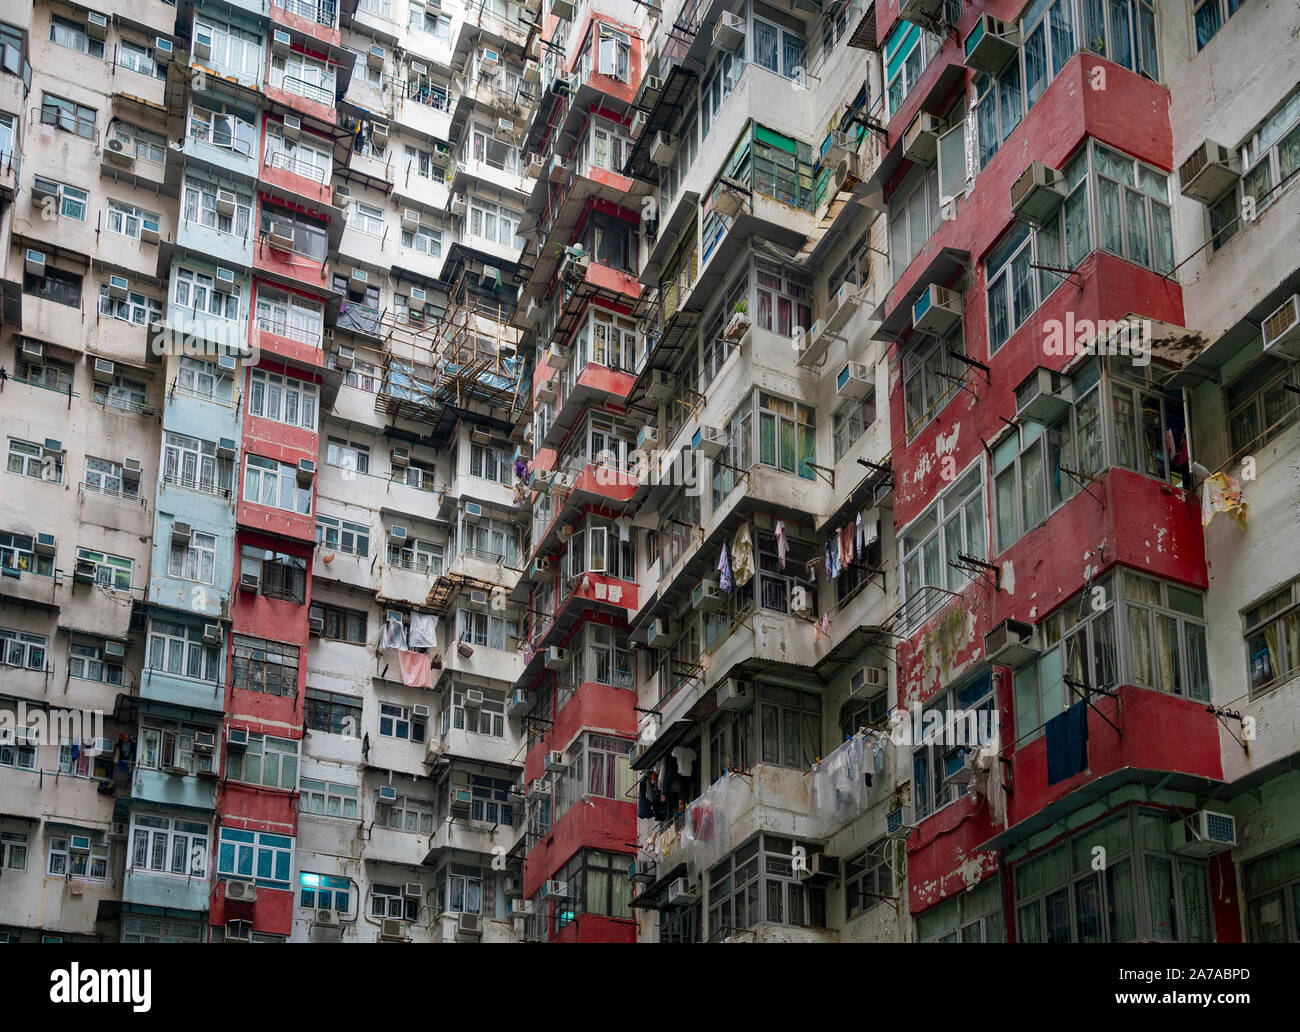 Appartement résidentiel urbain à forte densité de population montagnarde bloc Mansion dans Quarry Bay à Hong Kong Banque D'Images